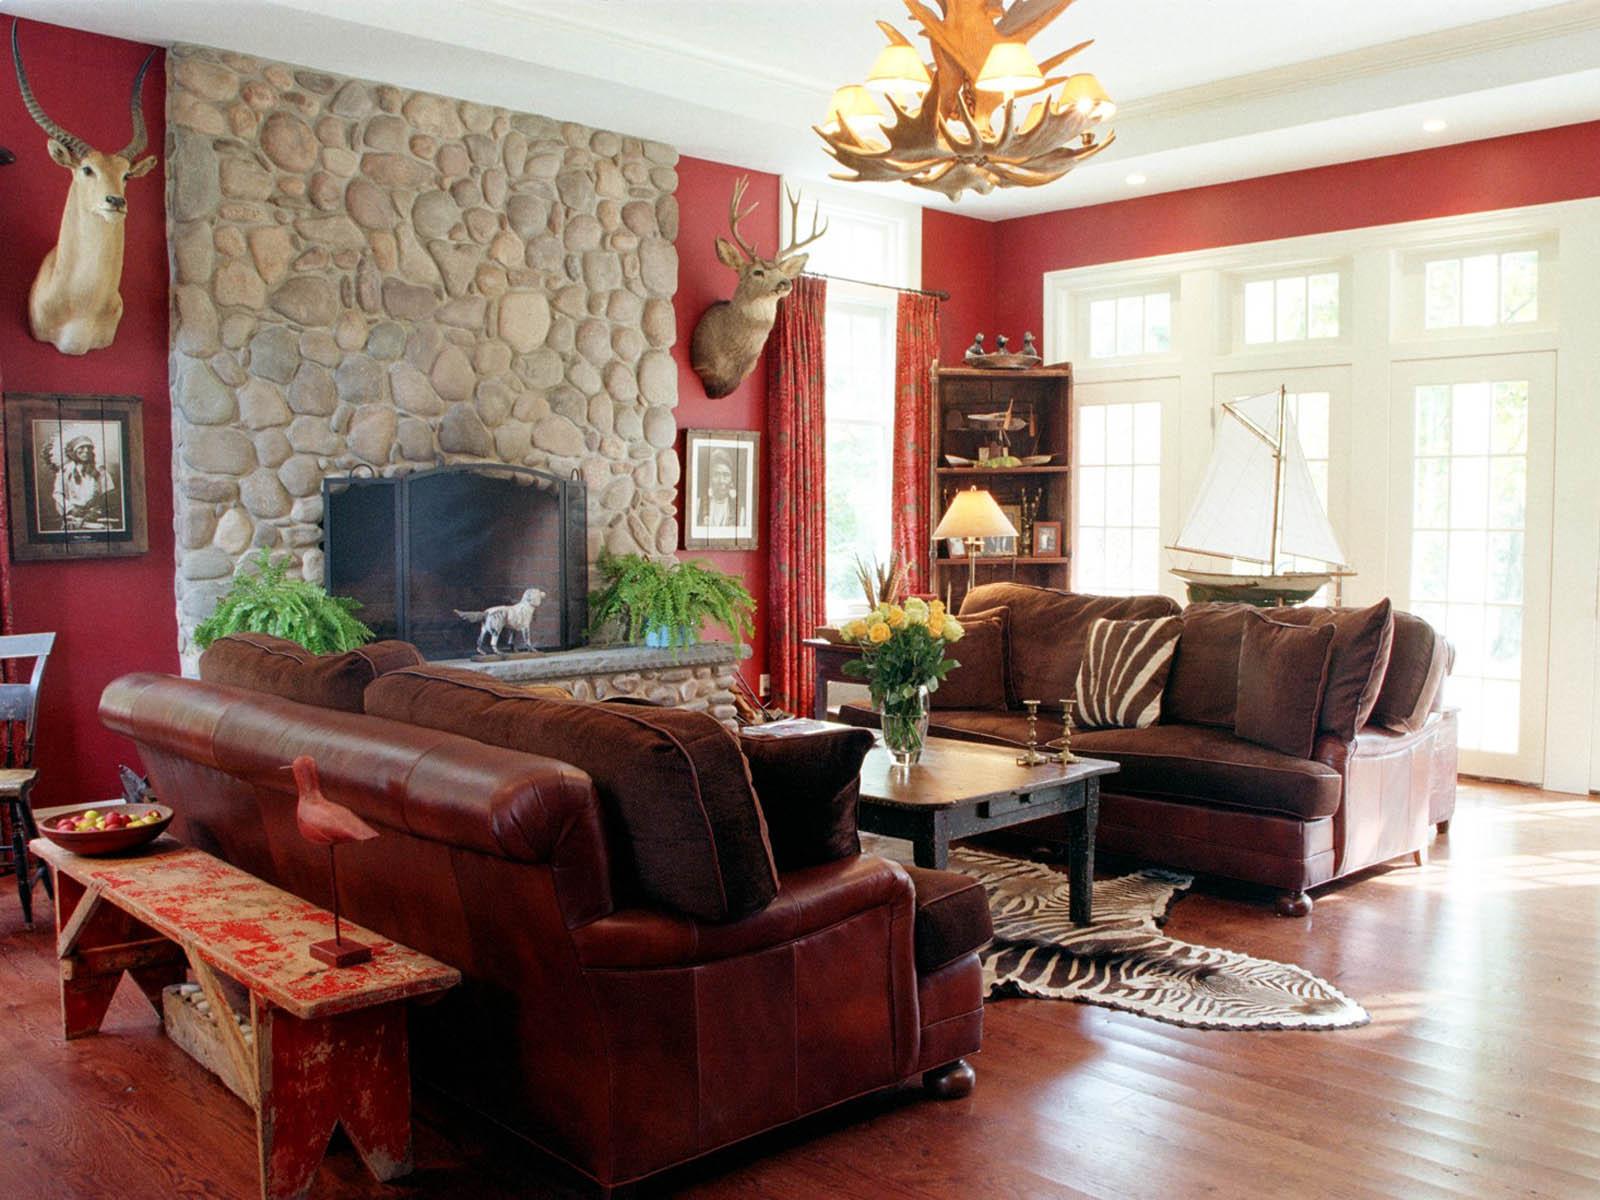 http://1.bp.blogspot.com/-8FkrieuUT2I/UKpBZCuuYvI/AAAAAAAANvA/6XHaSUzT8rE/s1600/Modern+Living+Room+Photos+06.jpg